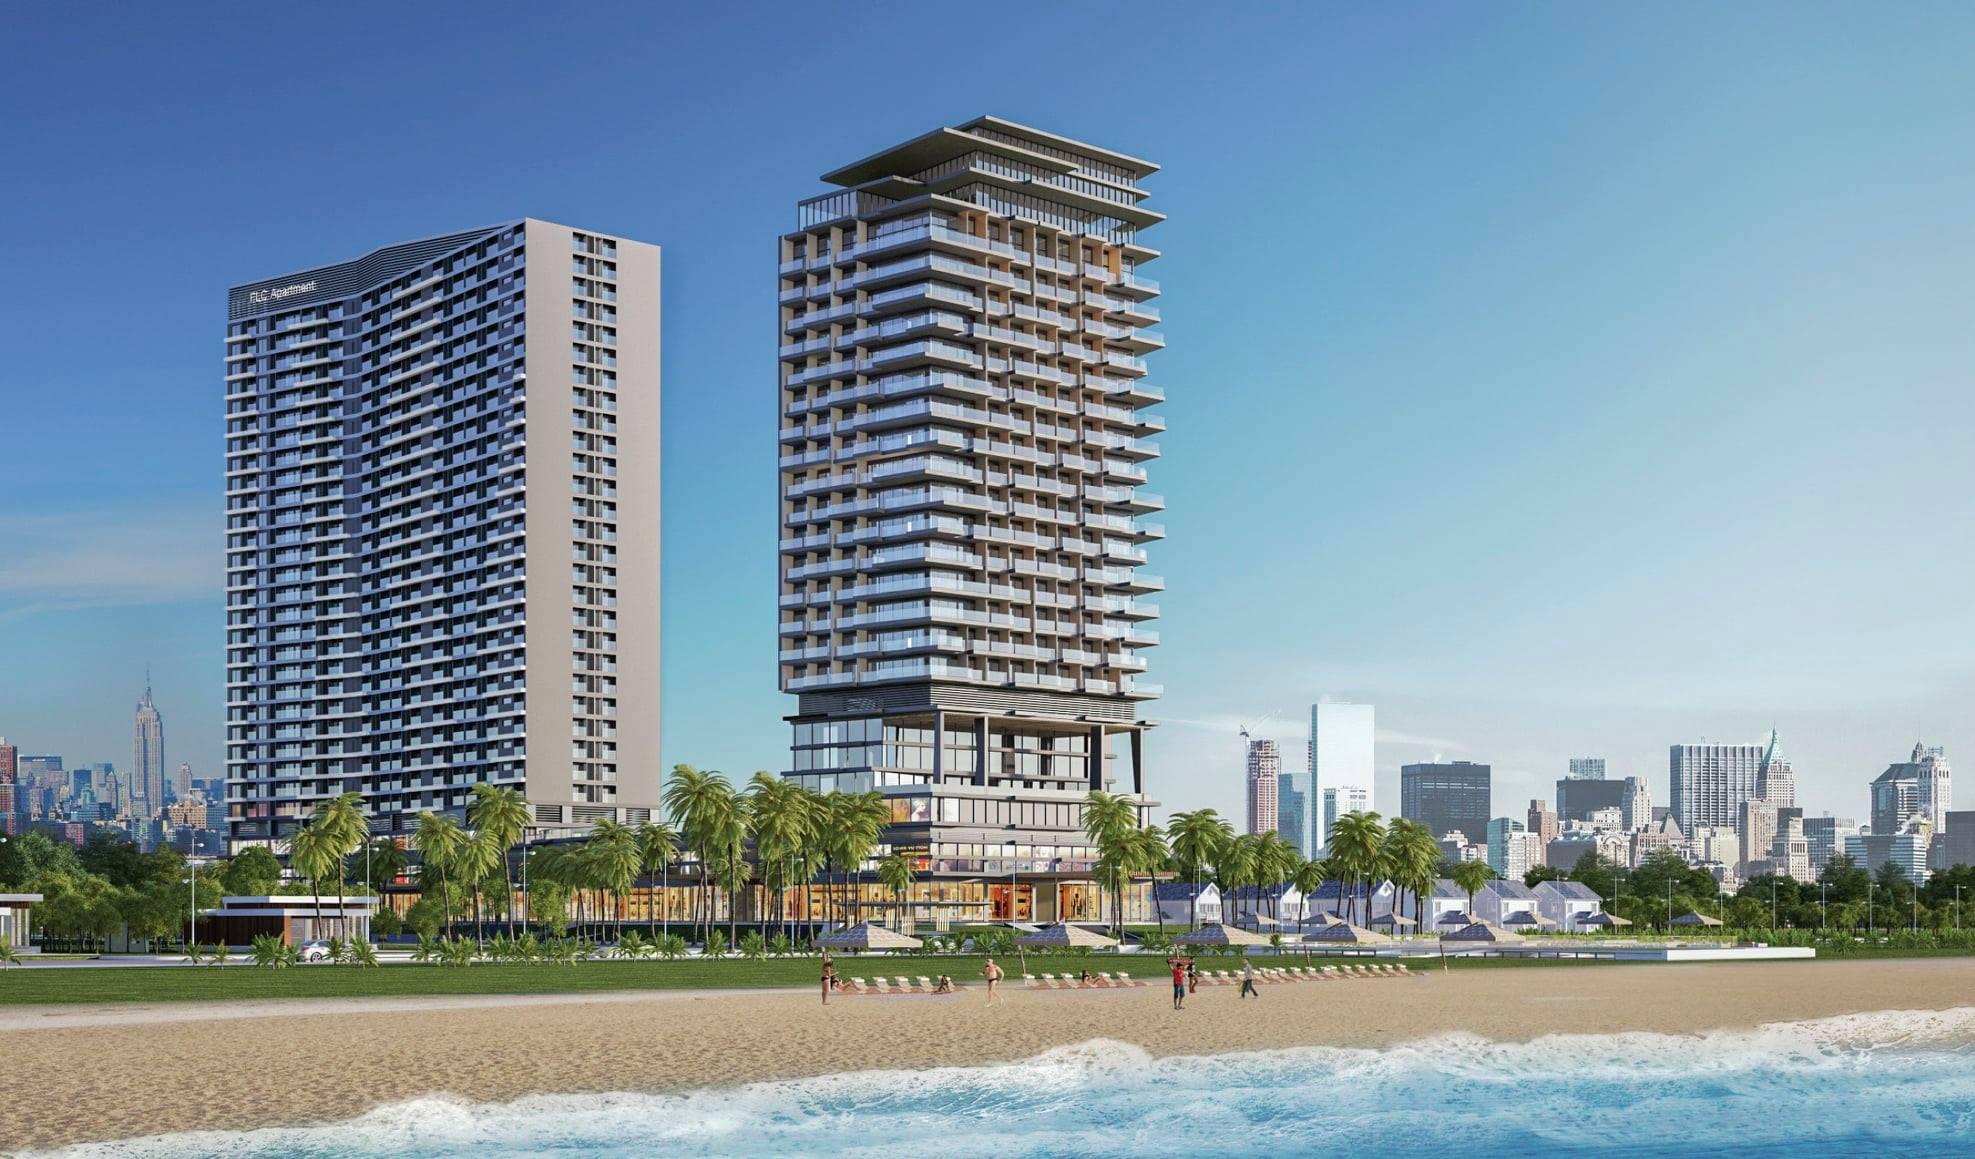 Tập đoàn FLC sắp khánh thành khách sạn 5 sao - Ảnh 1.